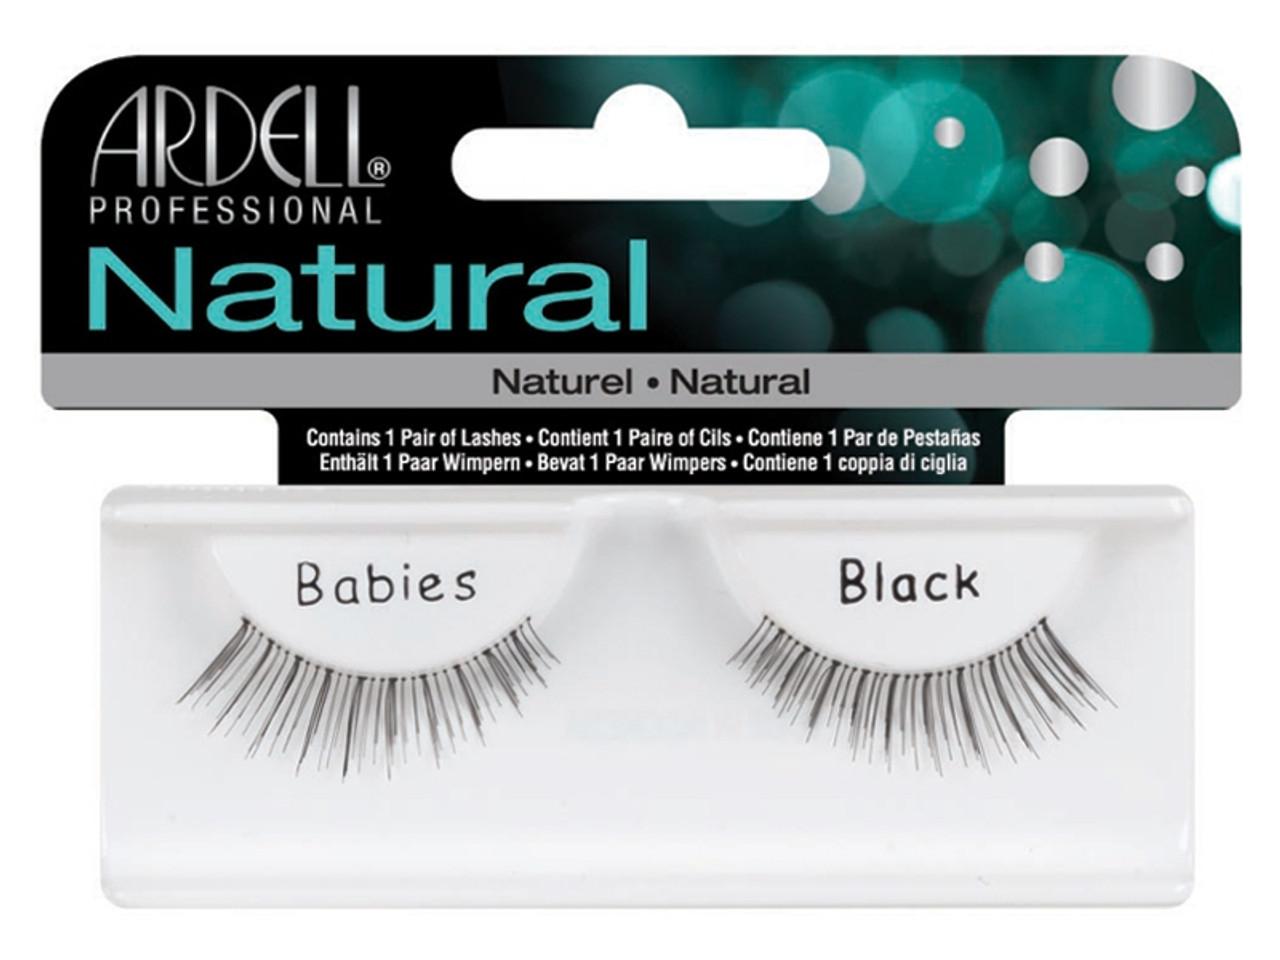 12e03afcac9 Natural Lashes - Babies Black - Eyelashes   Ardell